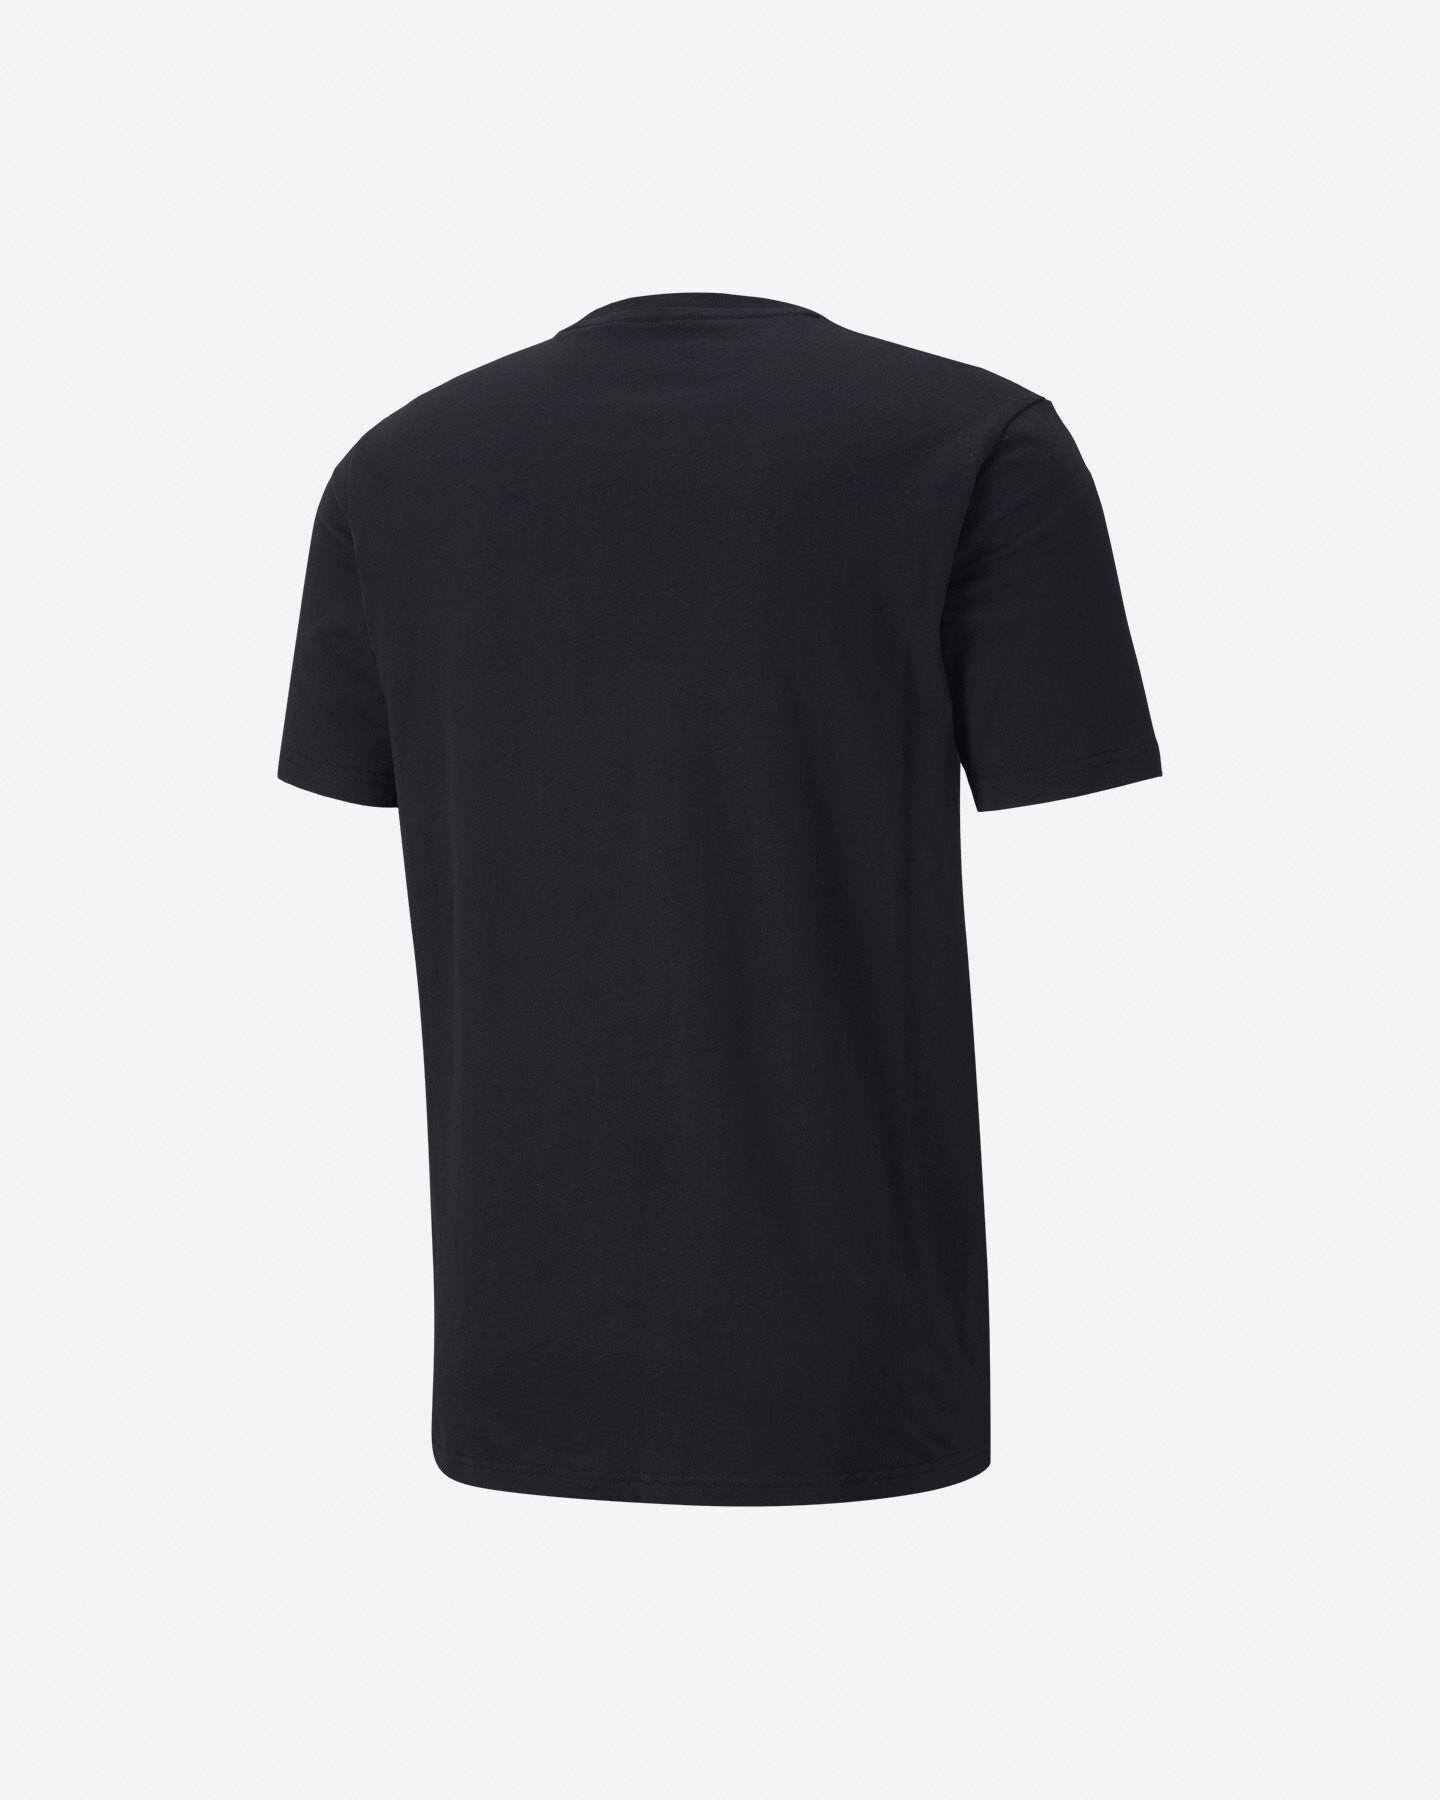 T-Shirt PUMA ATHTLETIC M S5235064|01|S scatto 1